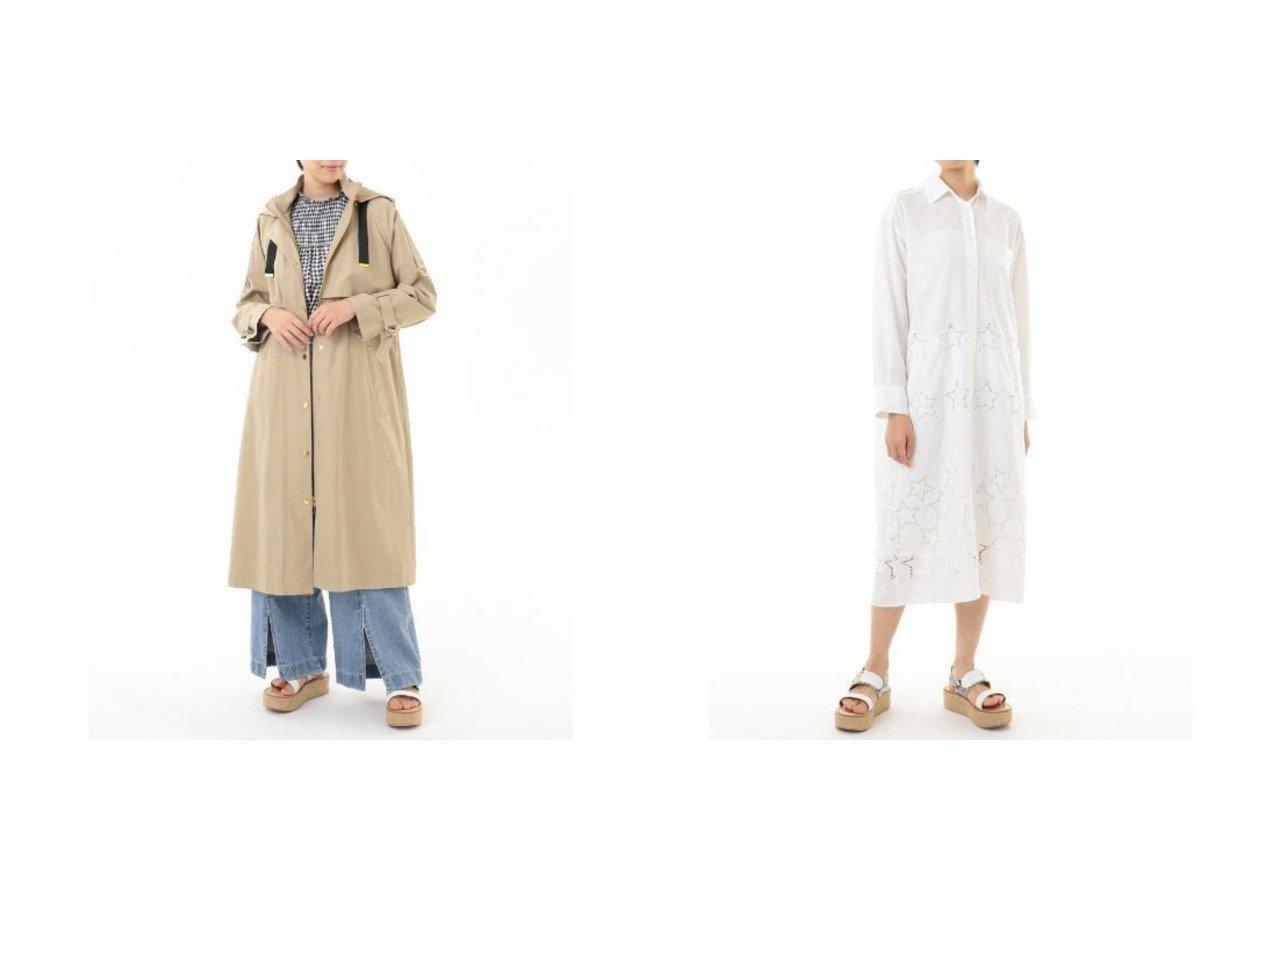 【GRACE CONTINENTAL/グレース コンチネンタル】のフードロングコート&スター刺繍シャツワンピース GRACE CONTINENTALのおすすめ!人気、トレンド・レディースファッションの通販  おすすめで人気の流行・トレンド、ファッションの通販商品 メンズファッション・キッズファッション・インテリア・家具・レディースファッション・服の通販 founy(ファニー) https://founy.com/ ファッション Fashion レディースファッション WOMEN アウター Coat Outerwear コート Coats ジャケット Jackets ワンピース Dress シャツワンピース Shirt Dresses ジャケット |ID:crp329100000019415